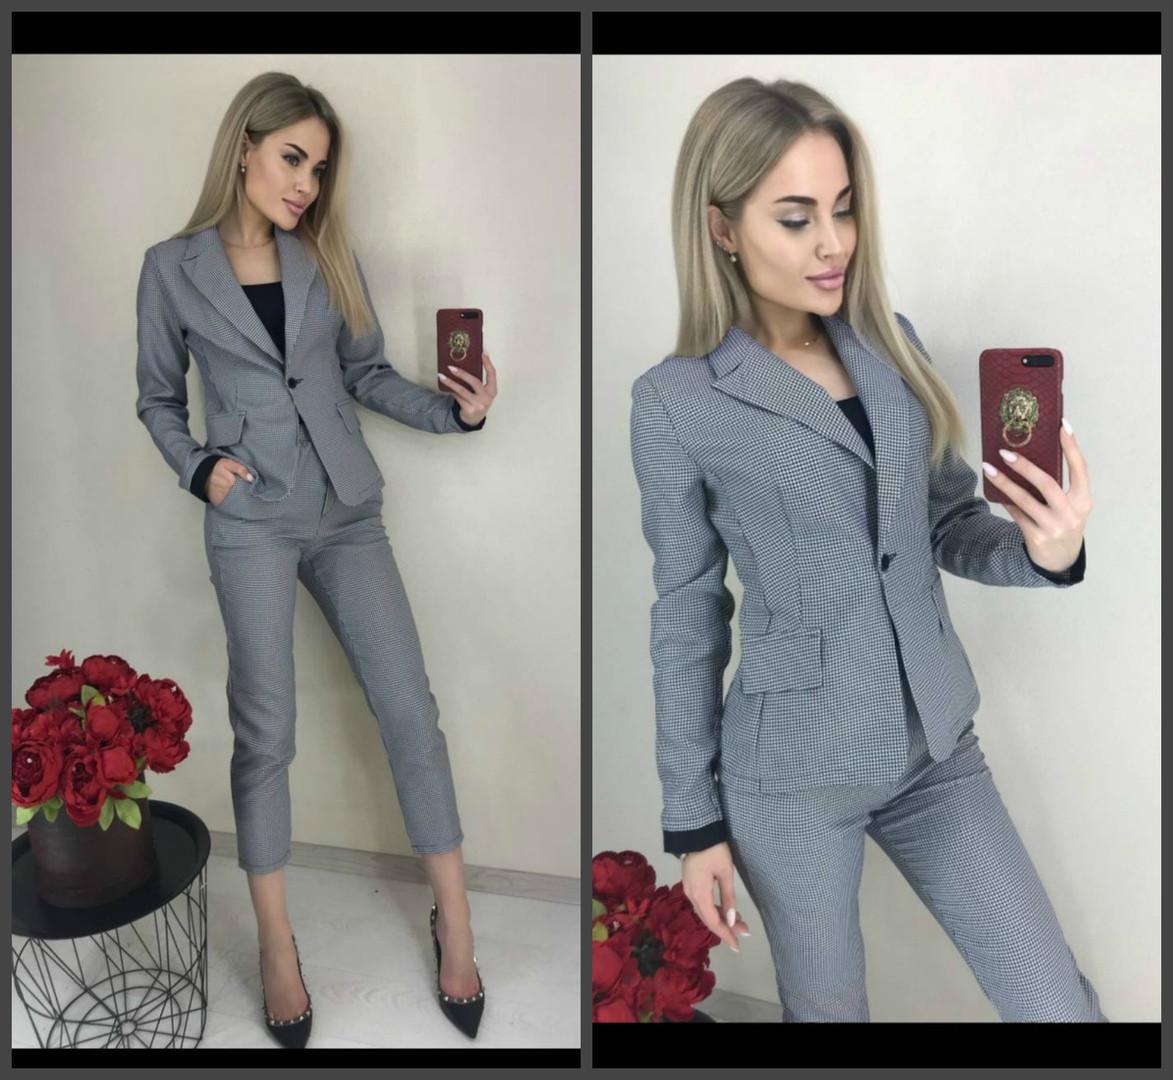 Костюм брючный женский, пиджак и укороченные брюки, клетка, офисный, повседневный, модный, ремень в комплекте